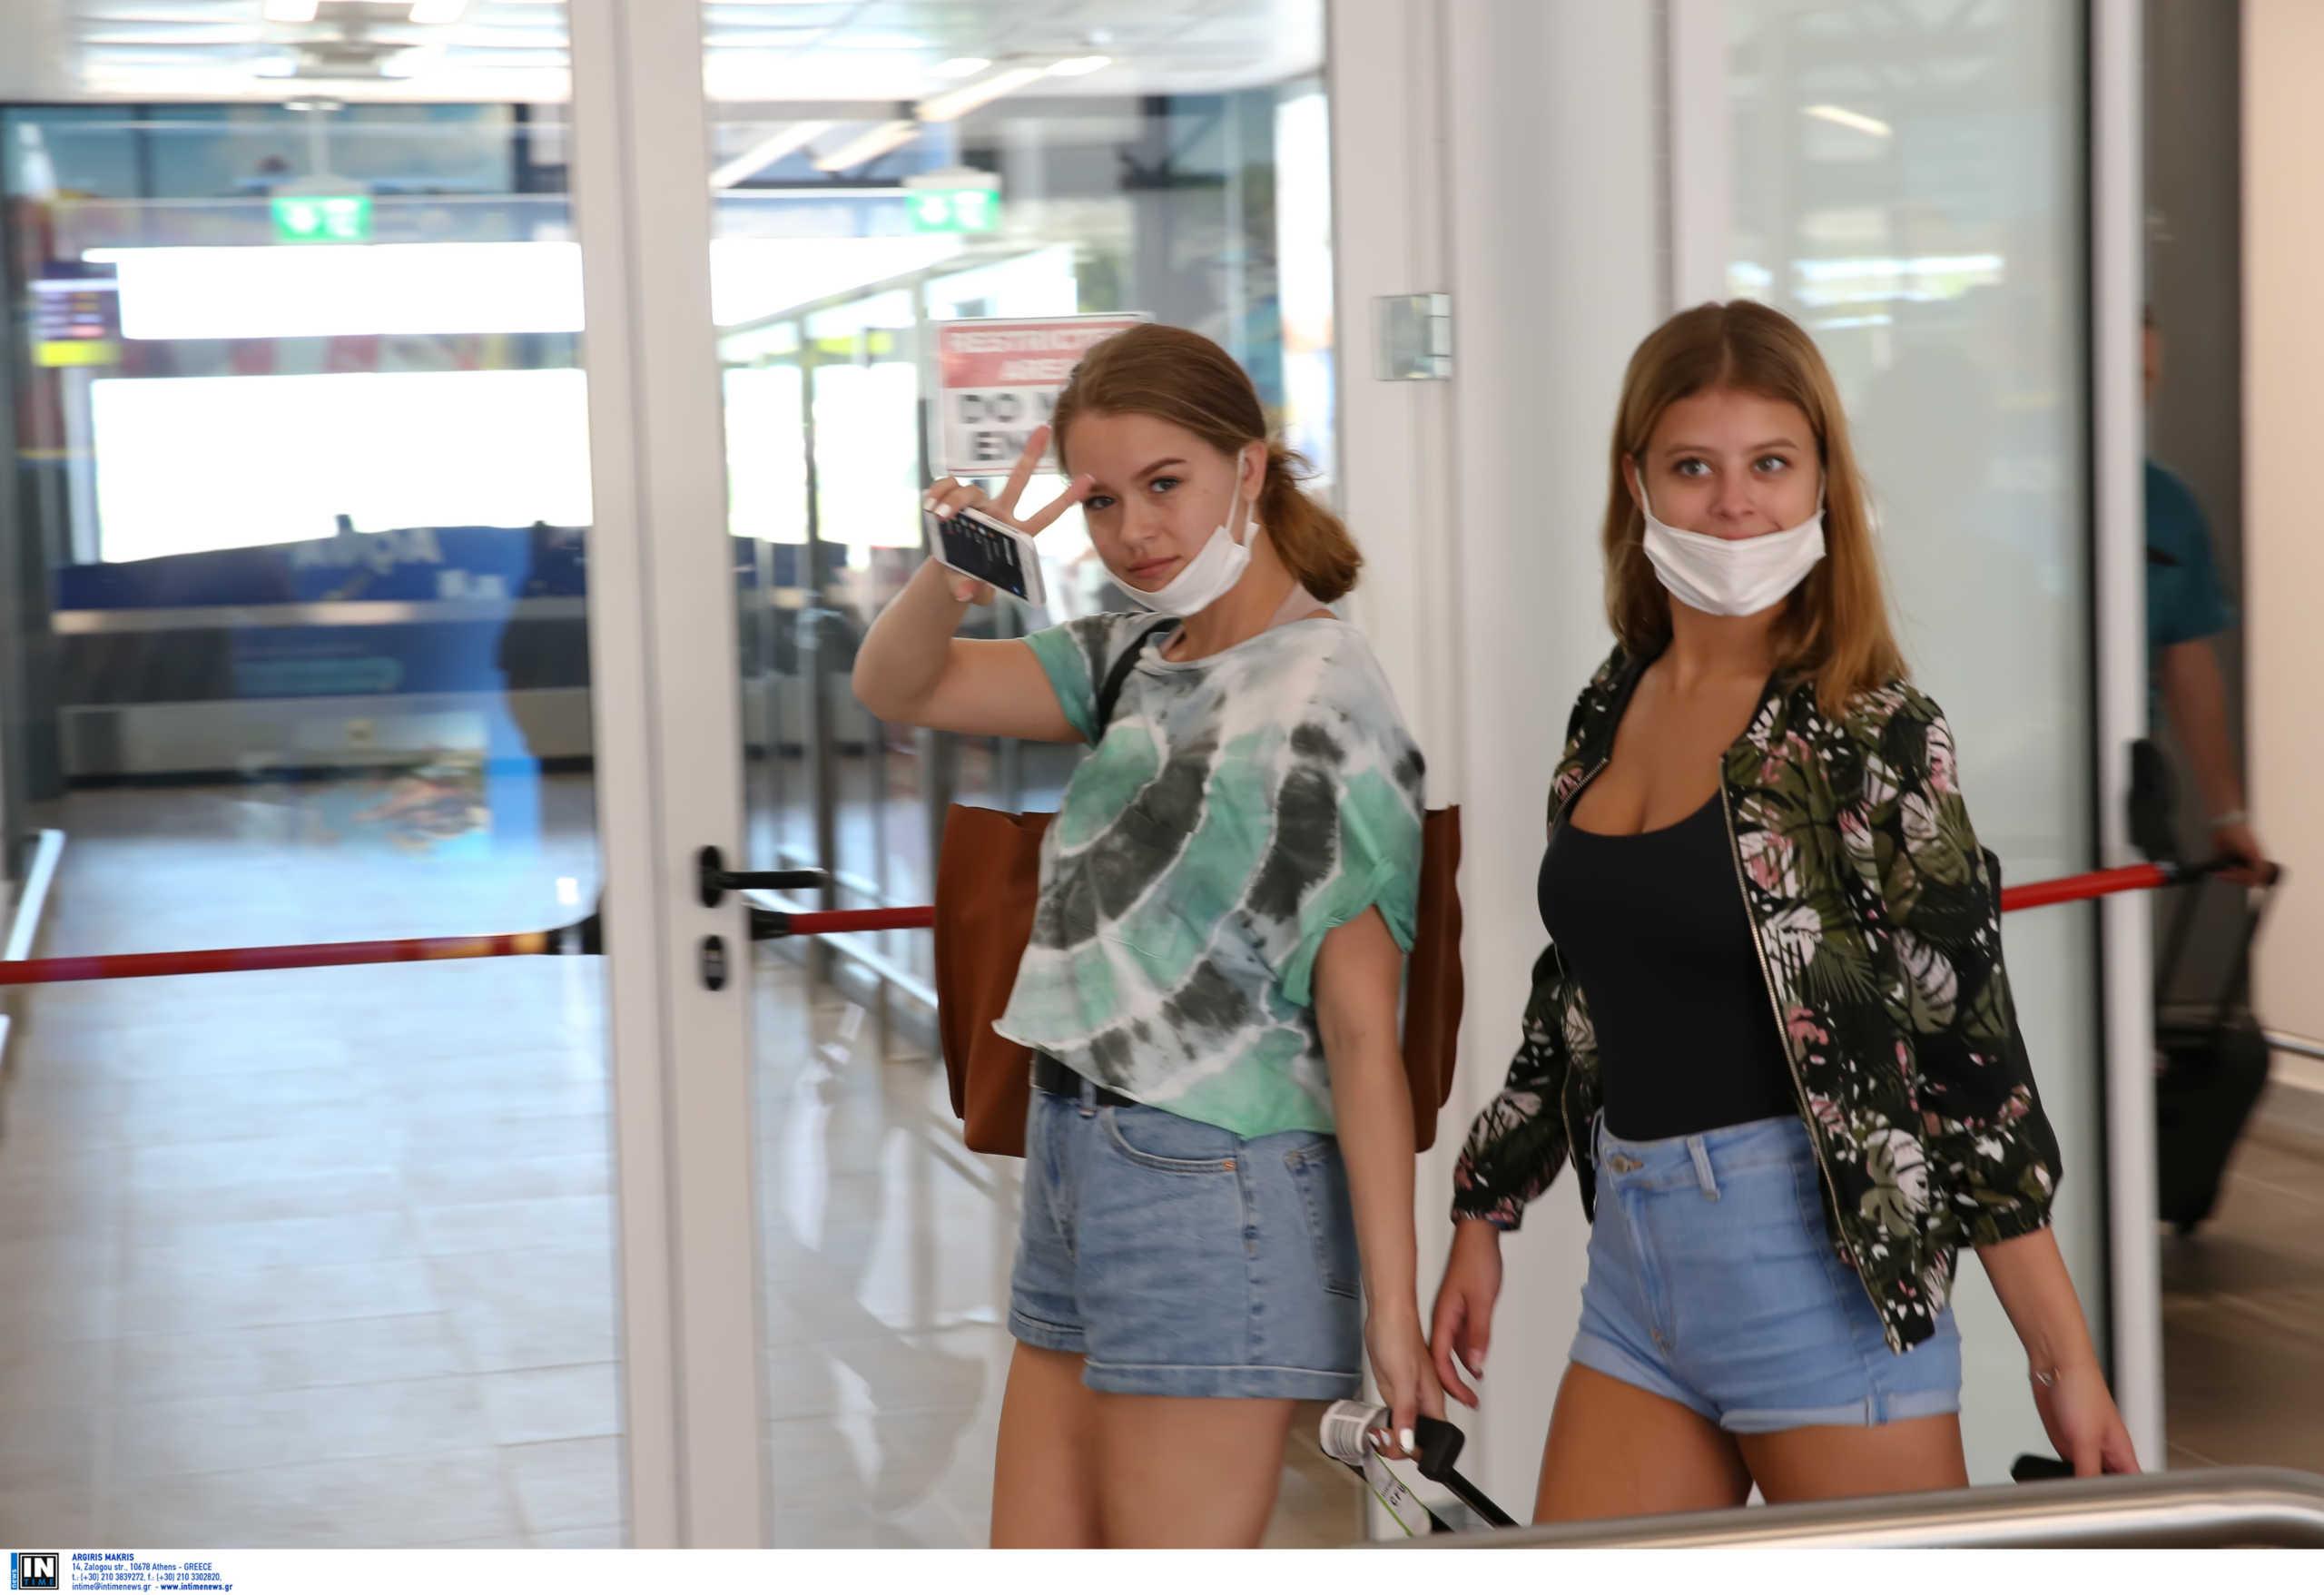 Ζάκυνθος: Οι Βρετανοί ξανάρχονται! Έξι αεροπλάνα φέρνουν τους πρώτους 900 τουρίστες στο νησί